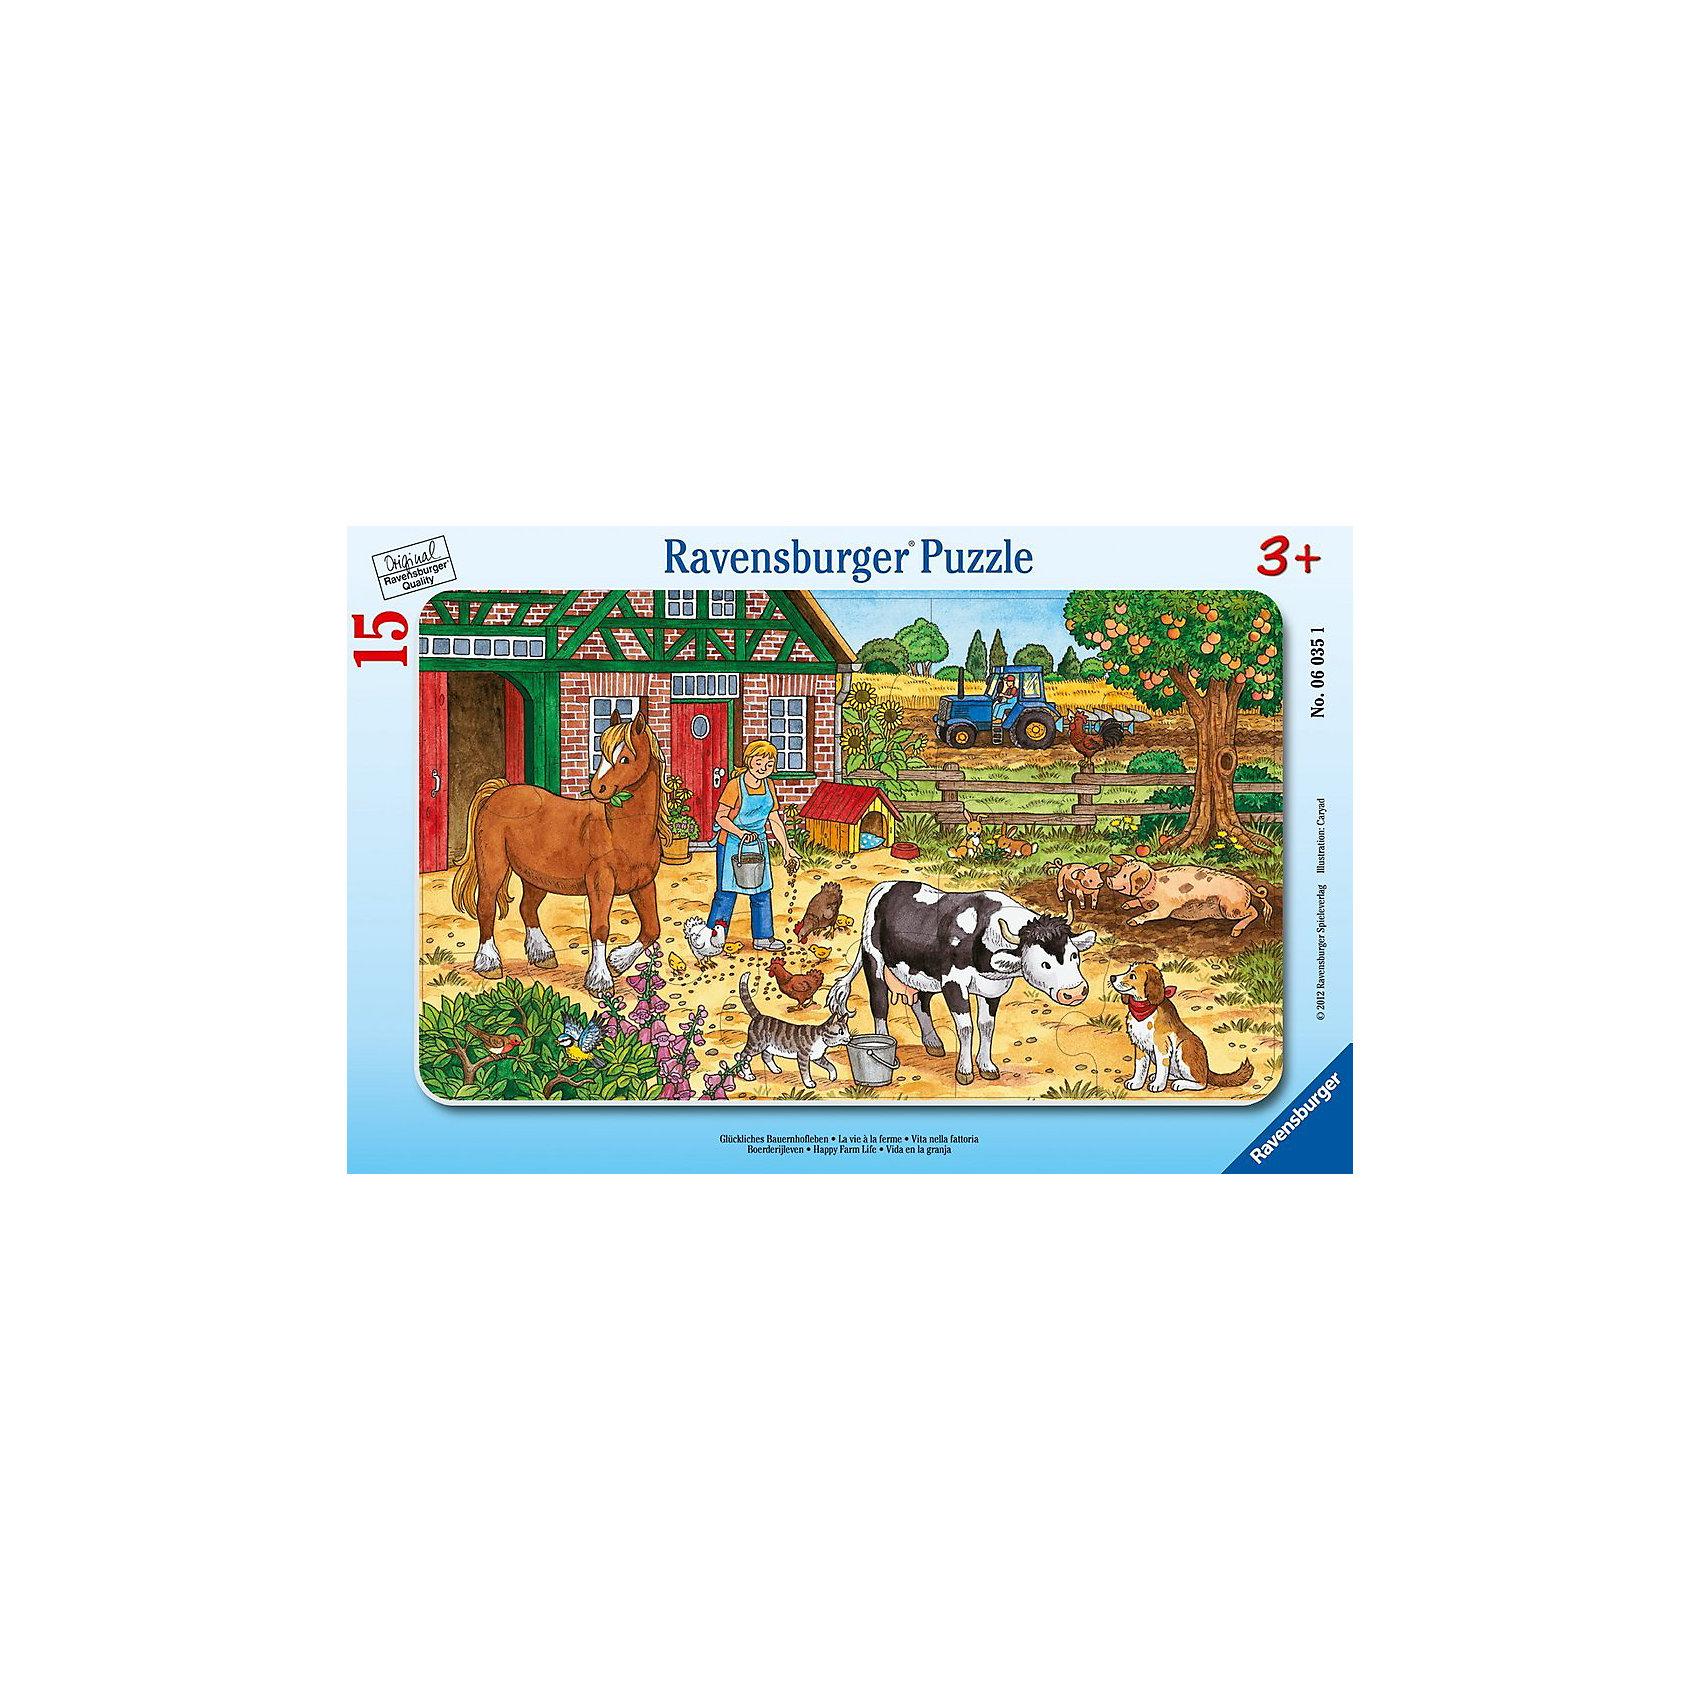 Пазл Жизнь на ферме, 15 деталей, RavensburgerПазлы для малышей<br>Пазл Жизнь на ферме, 15 деталей, Ravensburger (Равенсбургер) – это отличная развивающая игра-головоломка для детей.<br>Красочный пазл Жизнь на ферме от немецкого производителя Ravensburger (Равенсбургер) состоит из 15 крупных деталей, изготовленных из качественного экологичного материала. На картинке изображен солнечный день на ферме, где заботливая хозяйка вышла во двор, чтобы покормить животных и птиц. Разглядывая картинку, ребенок познакомиться с животными, которых можно встретить на ферме: с лошадкой, коровой, курами, цыплятами, свиньями, а также такими любимцами, как кошка и собака (они являются надежными помощниками фермера). Процесс сборки пазла не только увлечет ребенка, но поможет развить мелкую моторику рук, наблюдательность, логическое мышление, усидчивость, терпение, аккуратность, внимание и познакомит с окружающим миром. Пазлы Ravensburger (Равенсбургер) - это высочайшее качество картона и полиграфии. Детали пазла не ломаются, не подвергаются деформации при сборке. Элементы пазла идеально соединяются друг с другом, не отслаиваются с течением времени. Матовая поверхность исключает отблески.<br><br>Дополнительная информация:<br><br>- Количество деталей: 15<br>- Размер готовой картинки: 25х14,5 см.<br>- Материал: прочный, качественный картон<br>- Размер упаковки: 29,5х19х1 см.<br><br>Пазл Жизнь на ферме, 15 деталей, Ravensburger (Равенсбургер) можно купить в нашем интернет-магазине.<br><br>Ширина мм: 298<br>Глубина мм: 187<br>Высота мм: 8<br>Вес г: 153<br>Возраст от месяцев: 36<br>Возраст до месяцев: 60<br>Пол: Унисекс<br>Возраст: Детский<br>Количество деталей: 15<br>SKU: 2414711